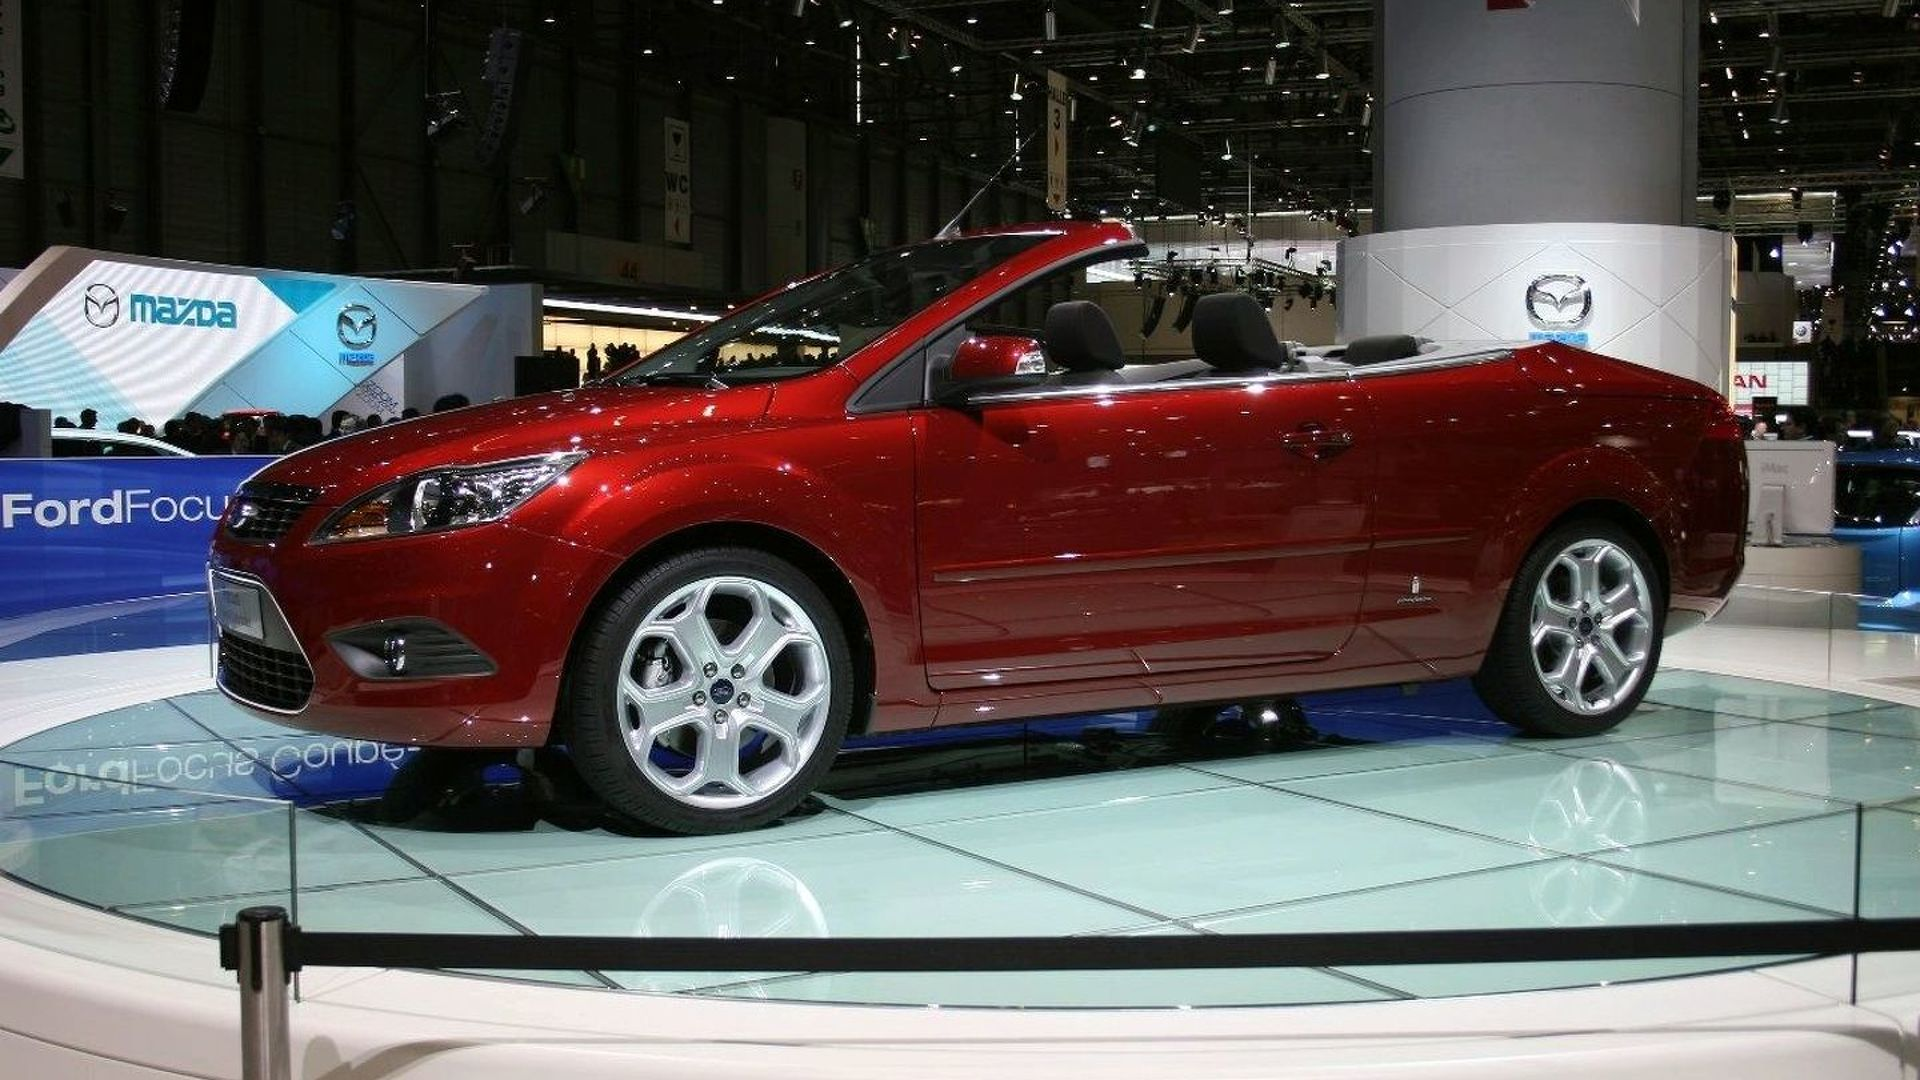 форд фокус кабриолет цена #10